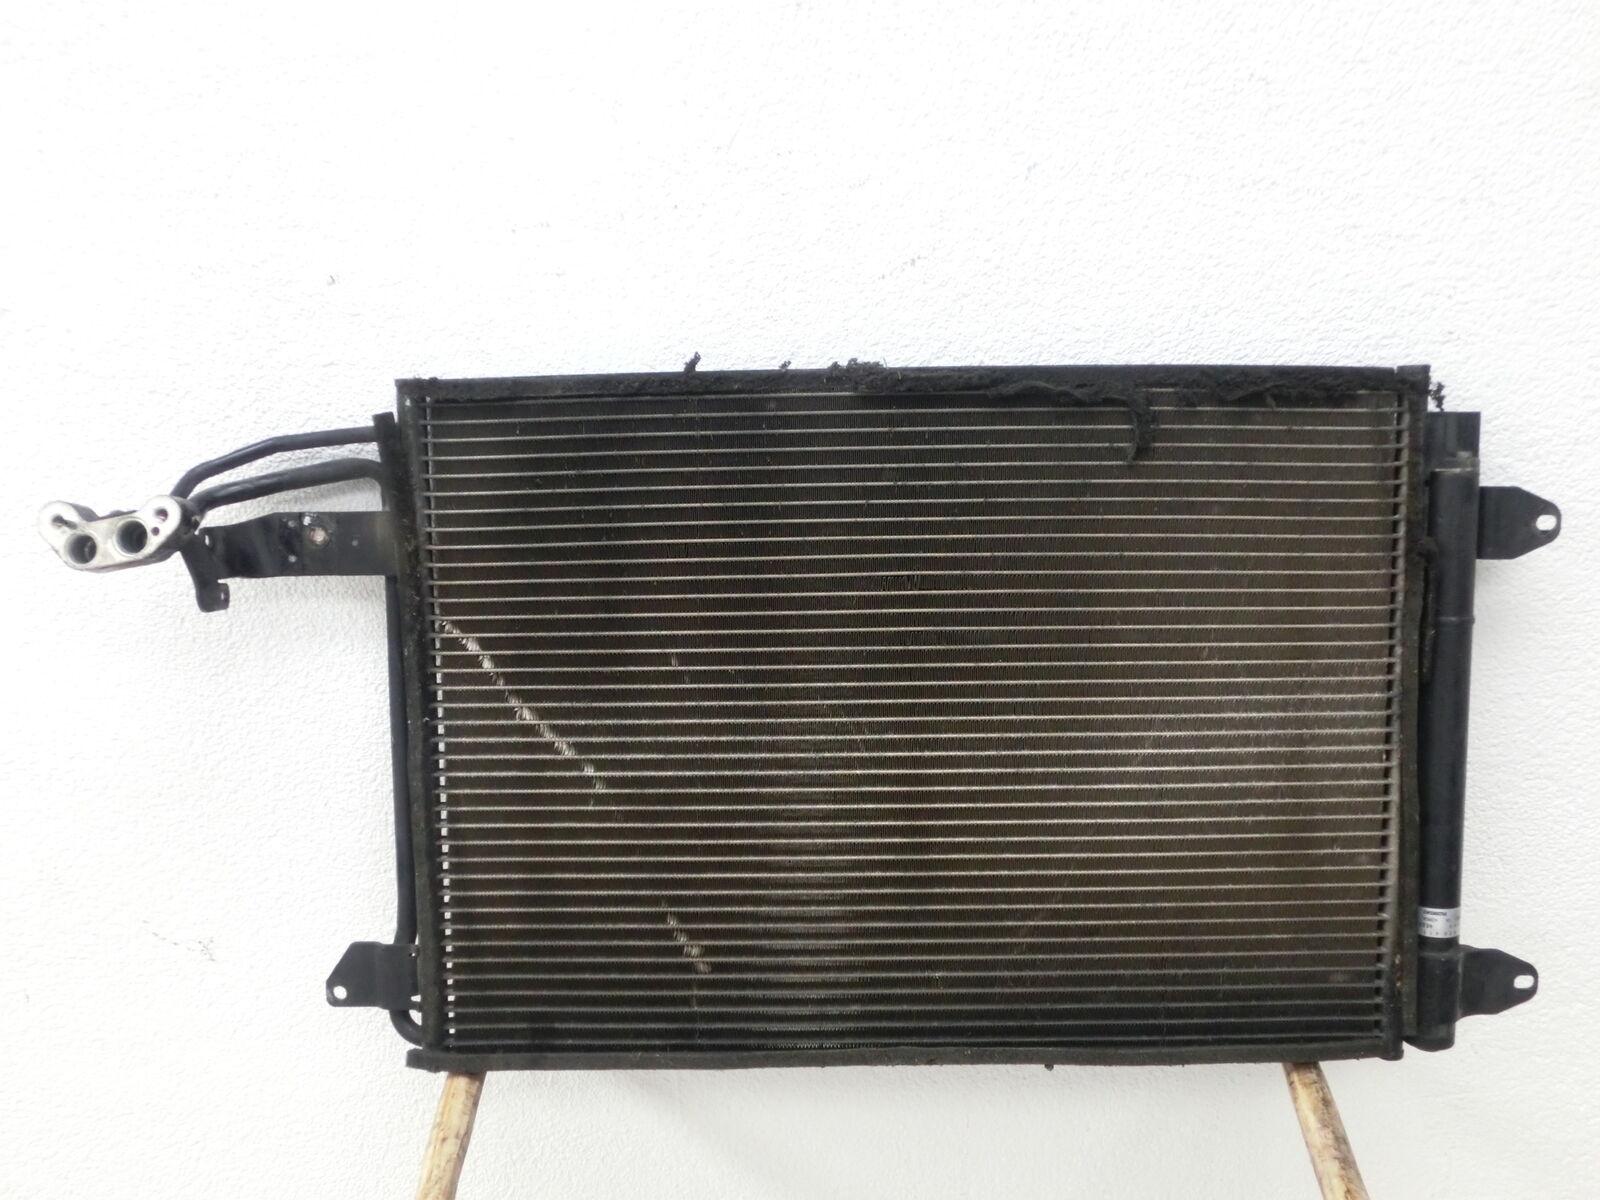 Kondensator Kühler Klimaanlage Klimakühler AC für Audi A3 8P 03-05 1K0820411F